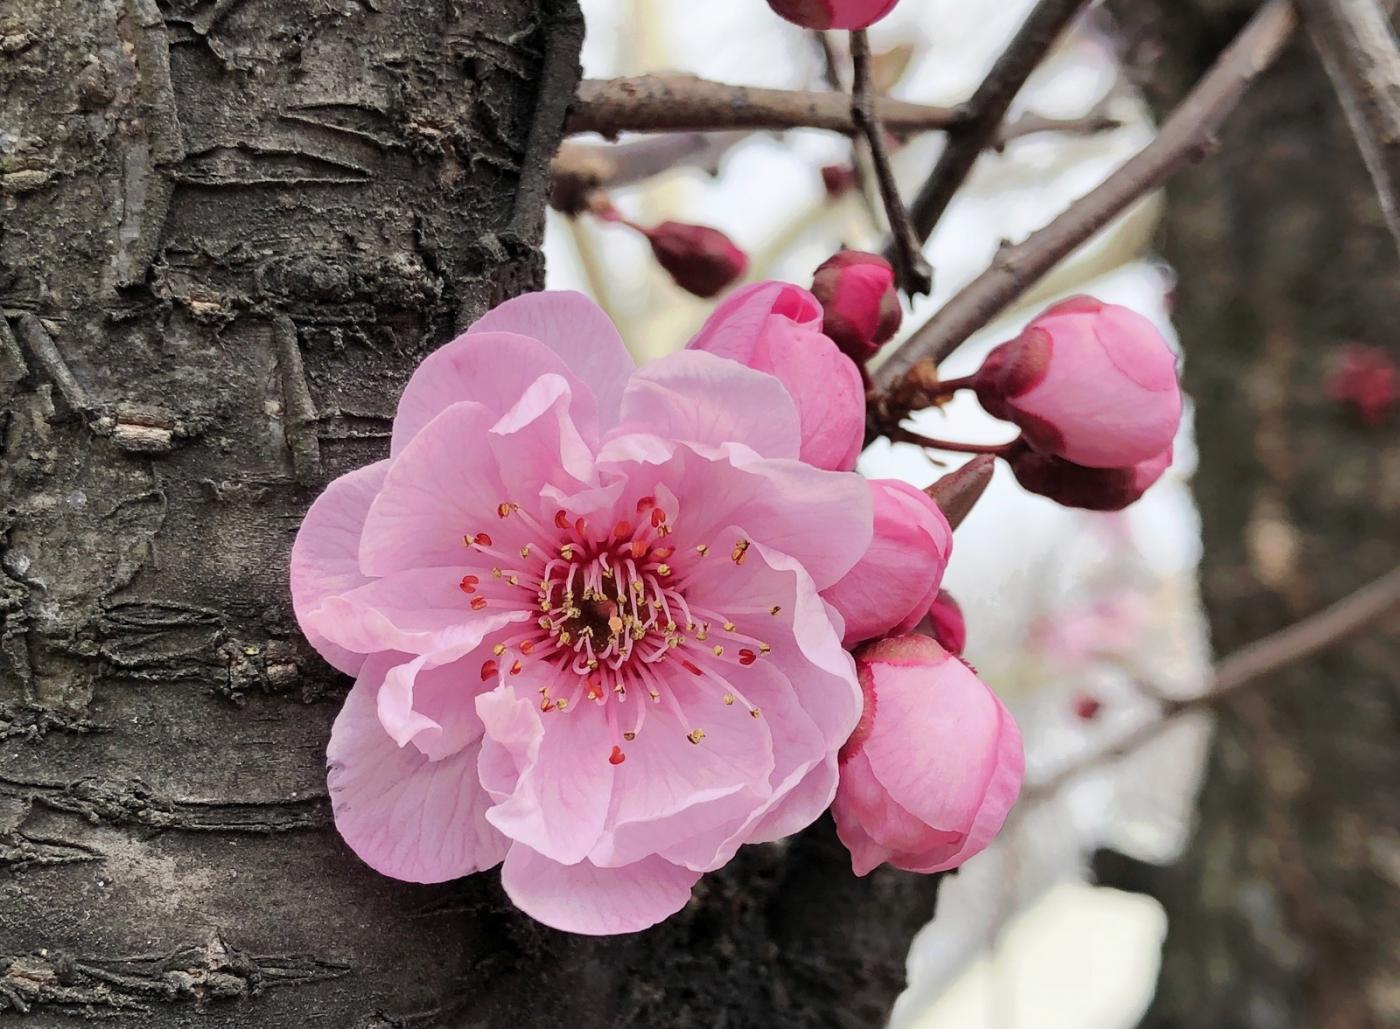 【田螺手机摄影】街口的杏花又开一年_图1-10